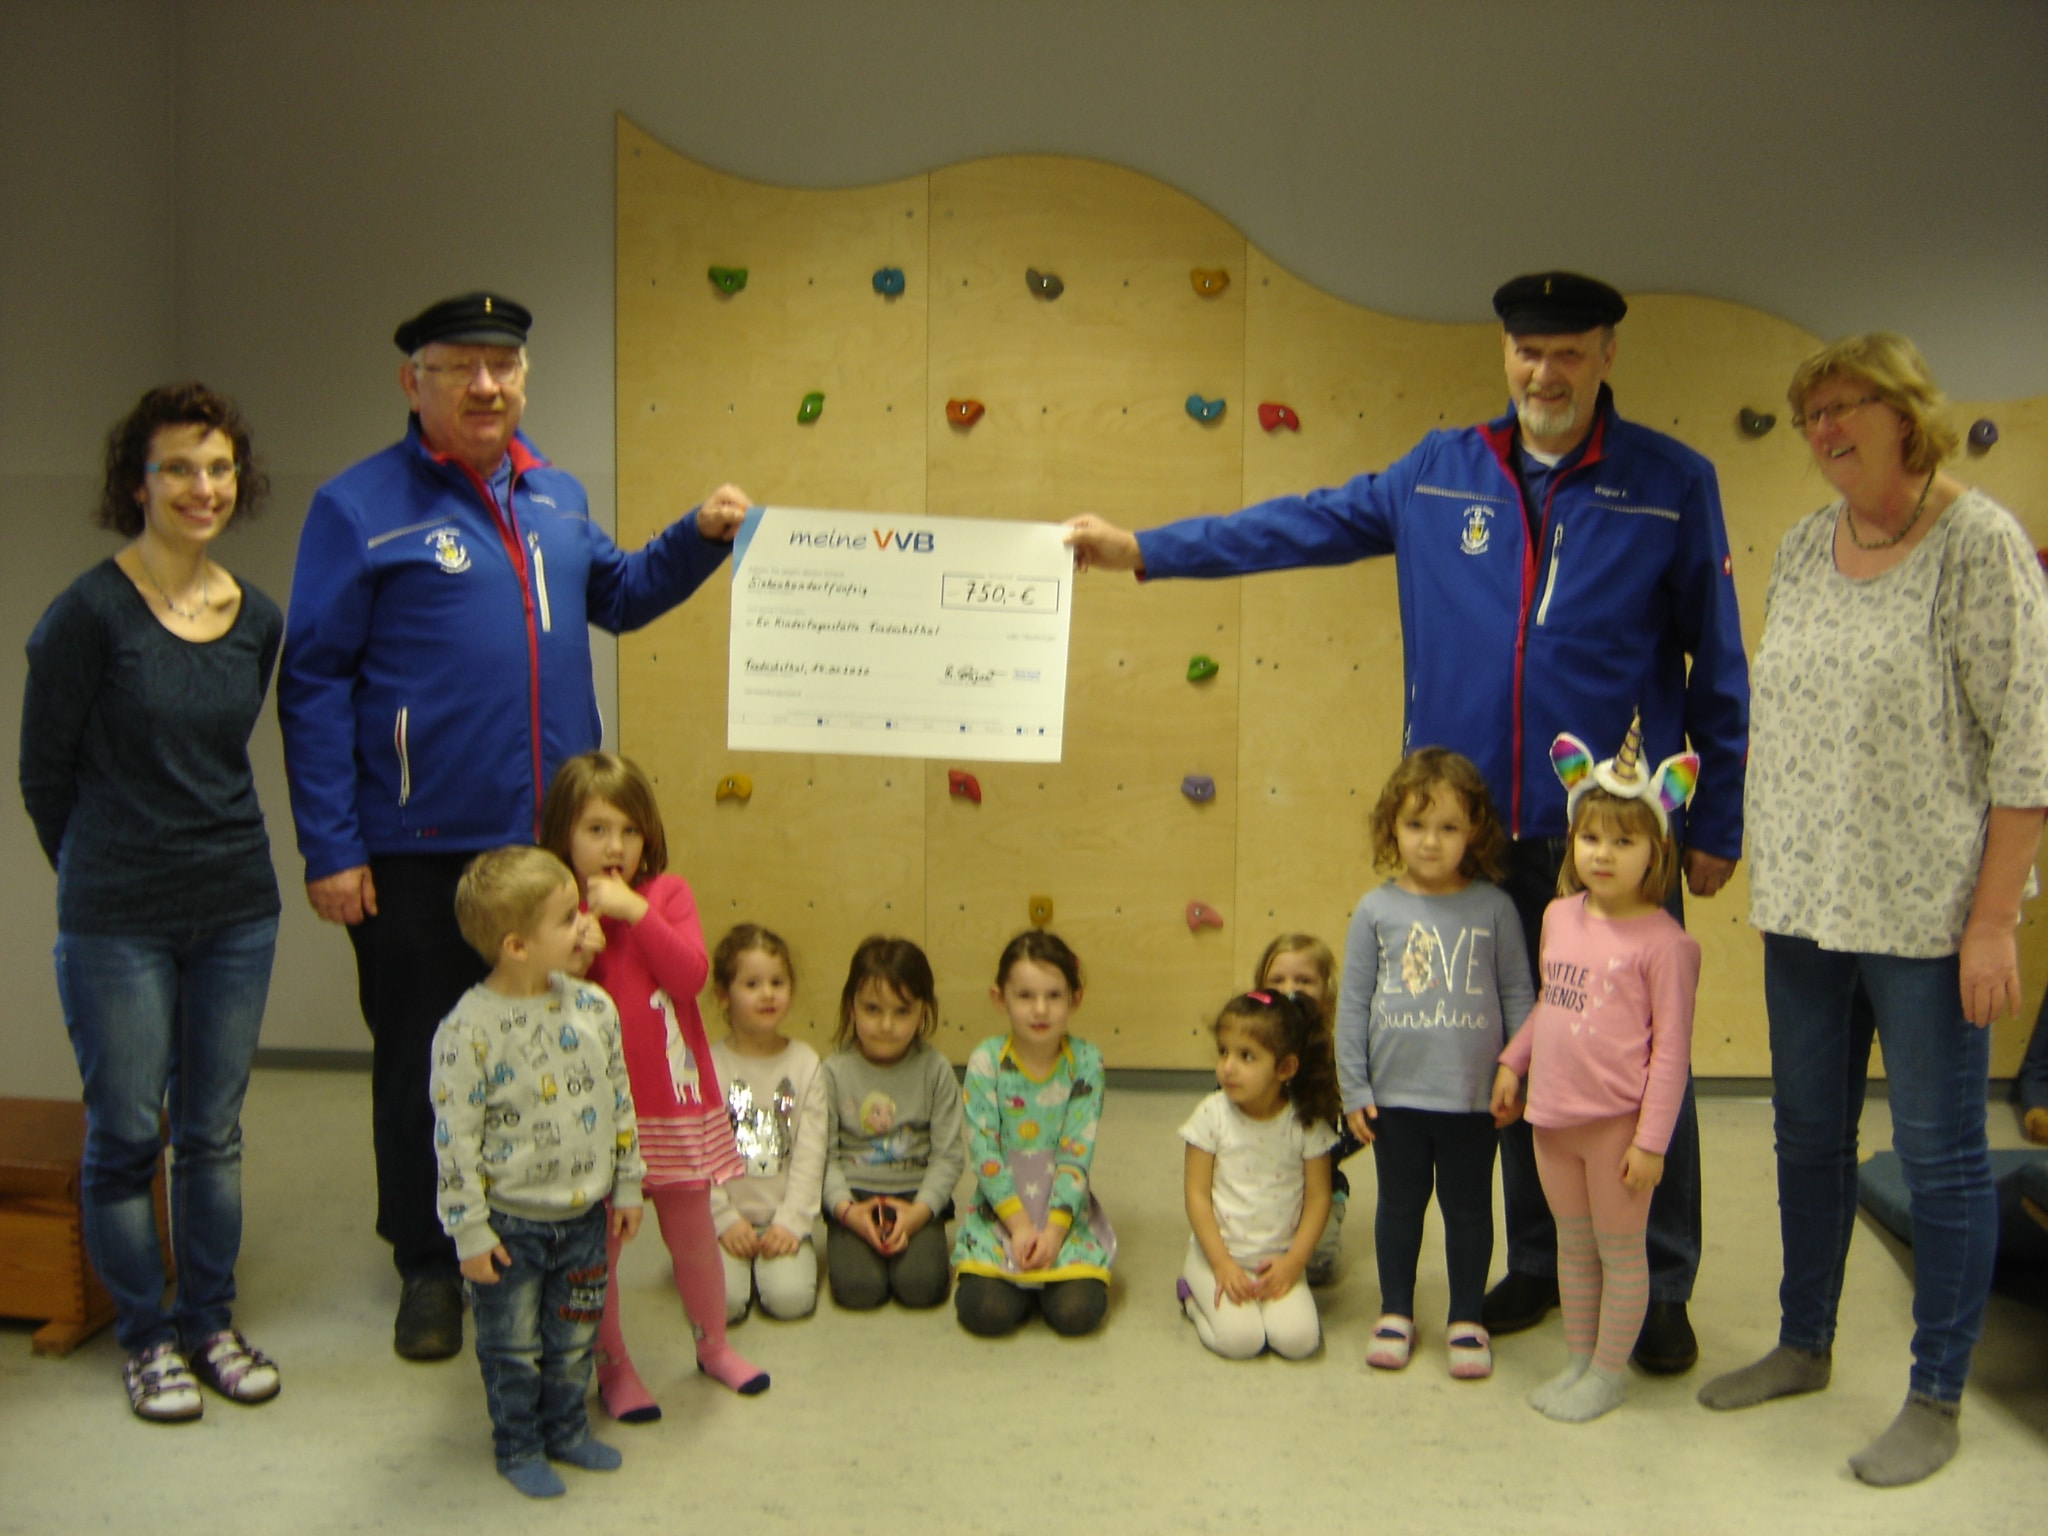 Spendenübergabe der Marinekameradschaft Prinz Eugen